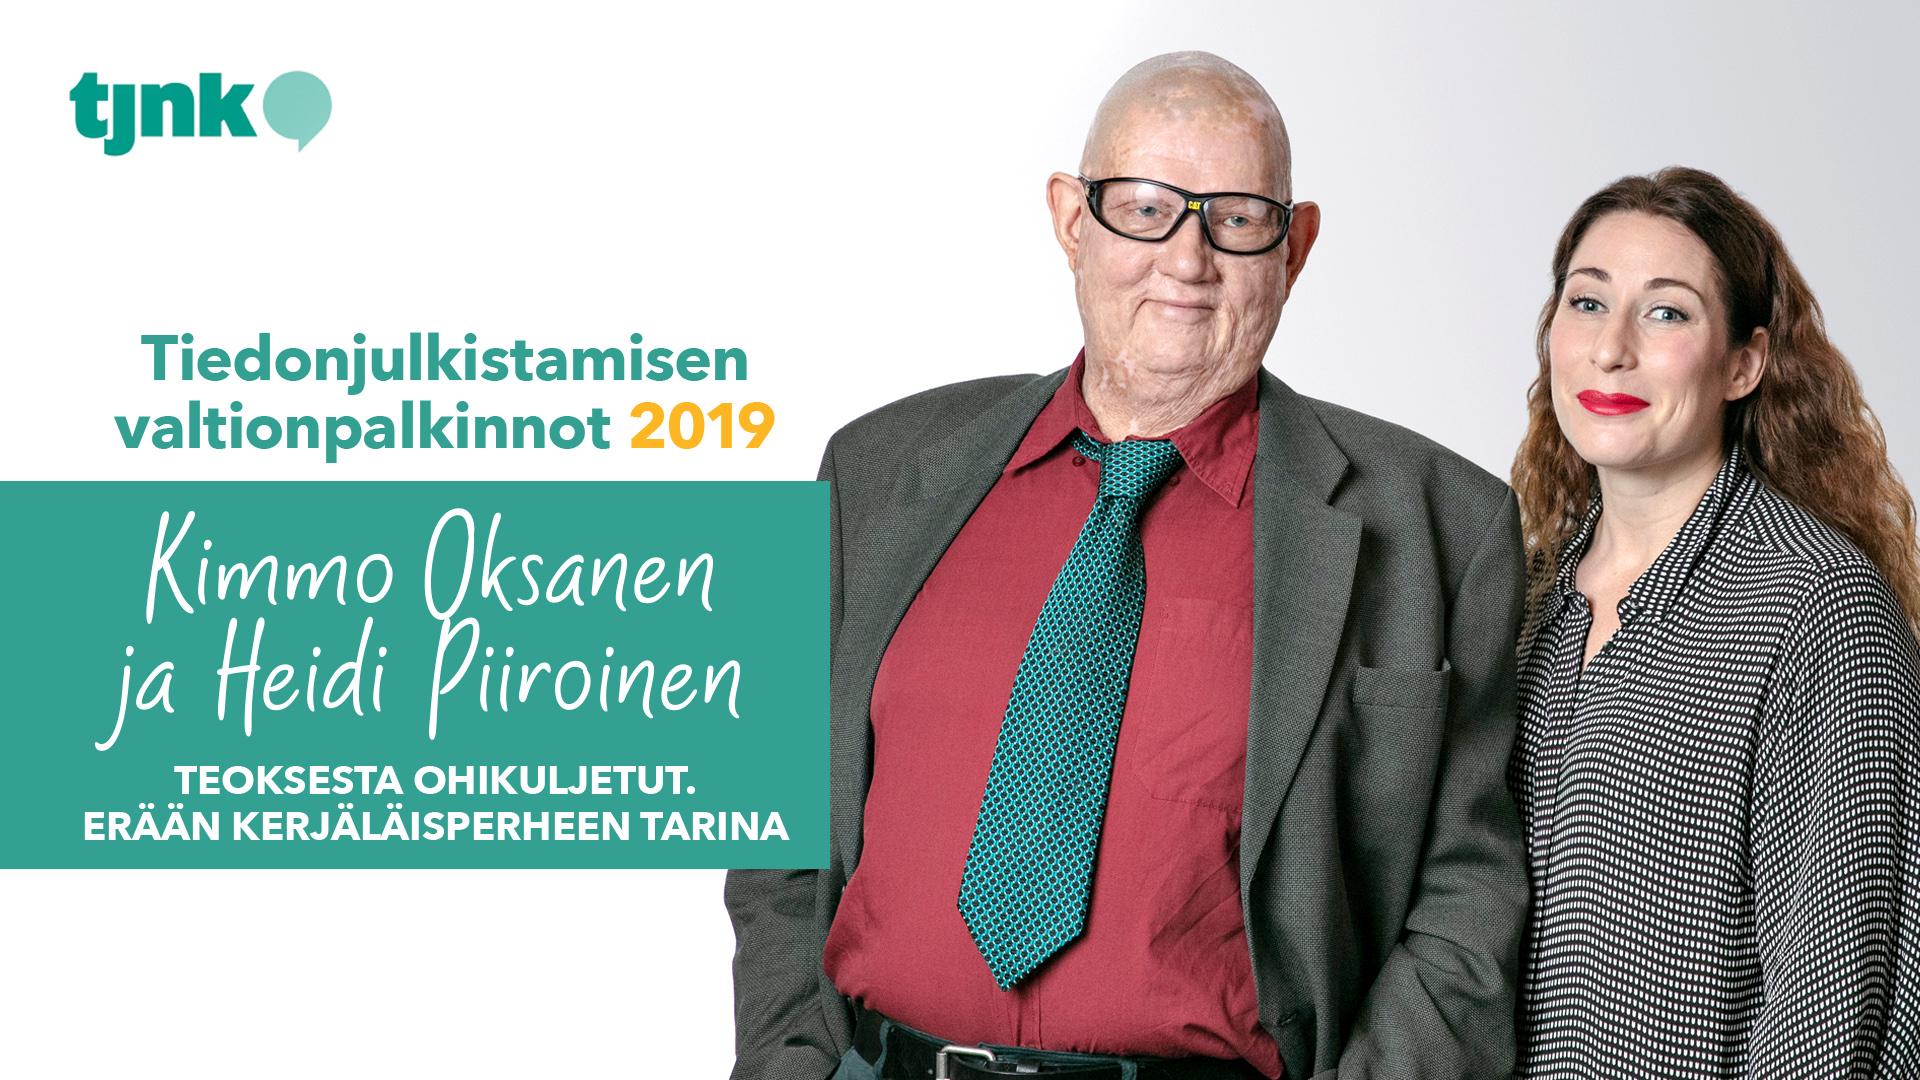 Tiedonjulkistamisen valtionpalkinnon 2019 saaneet Kimmmo Oksanen ja Heidi Piiroinen.